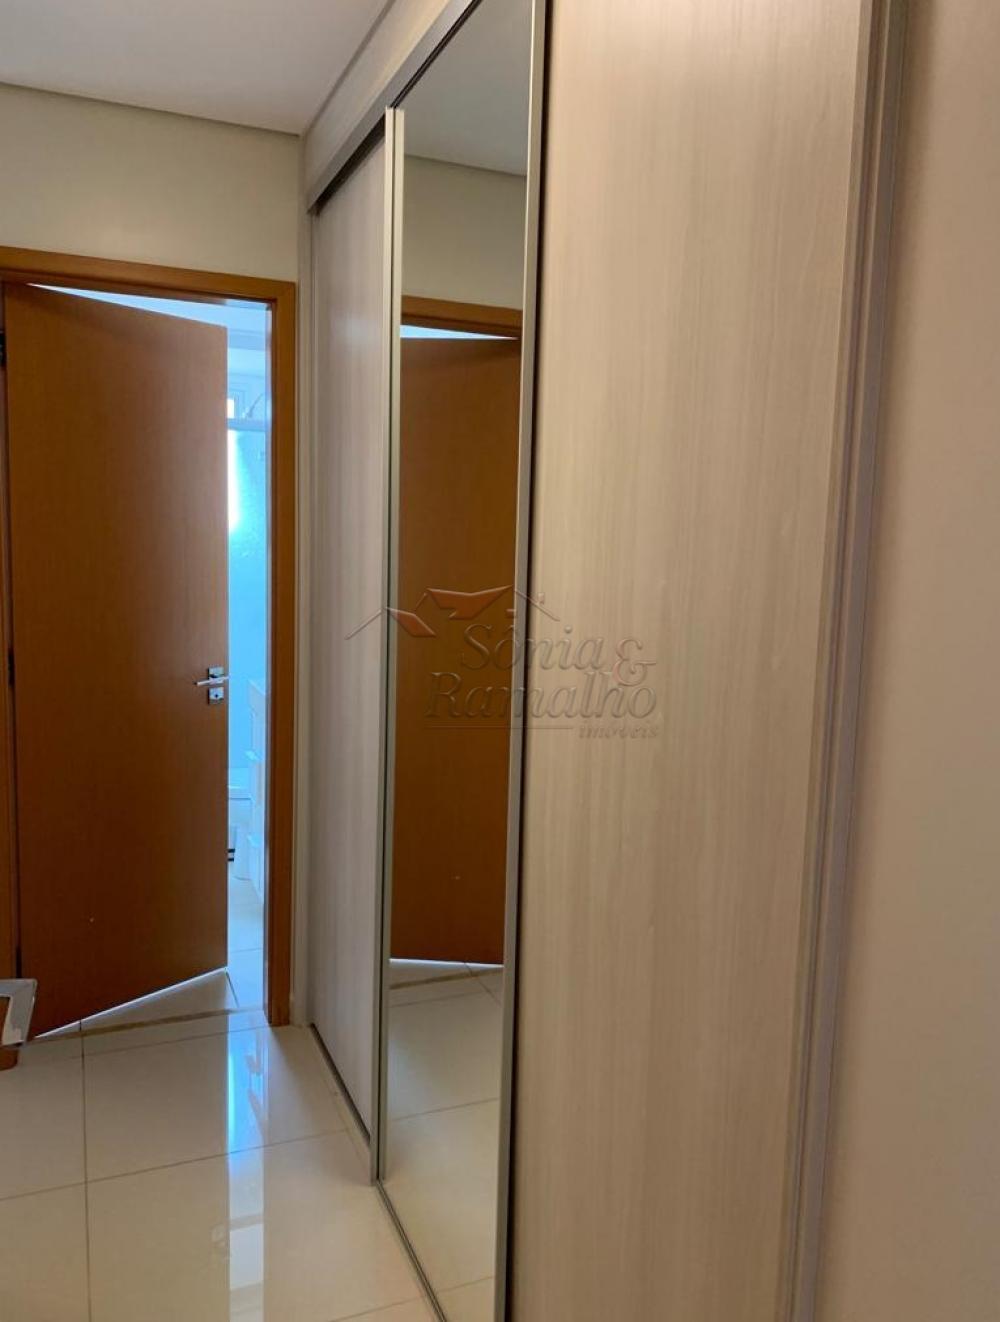 Comprar Apartamentos / Padrão em Ribeirão Preto apenas R$ 660.000,00 - Foto 4